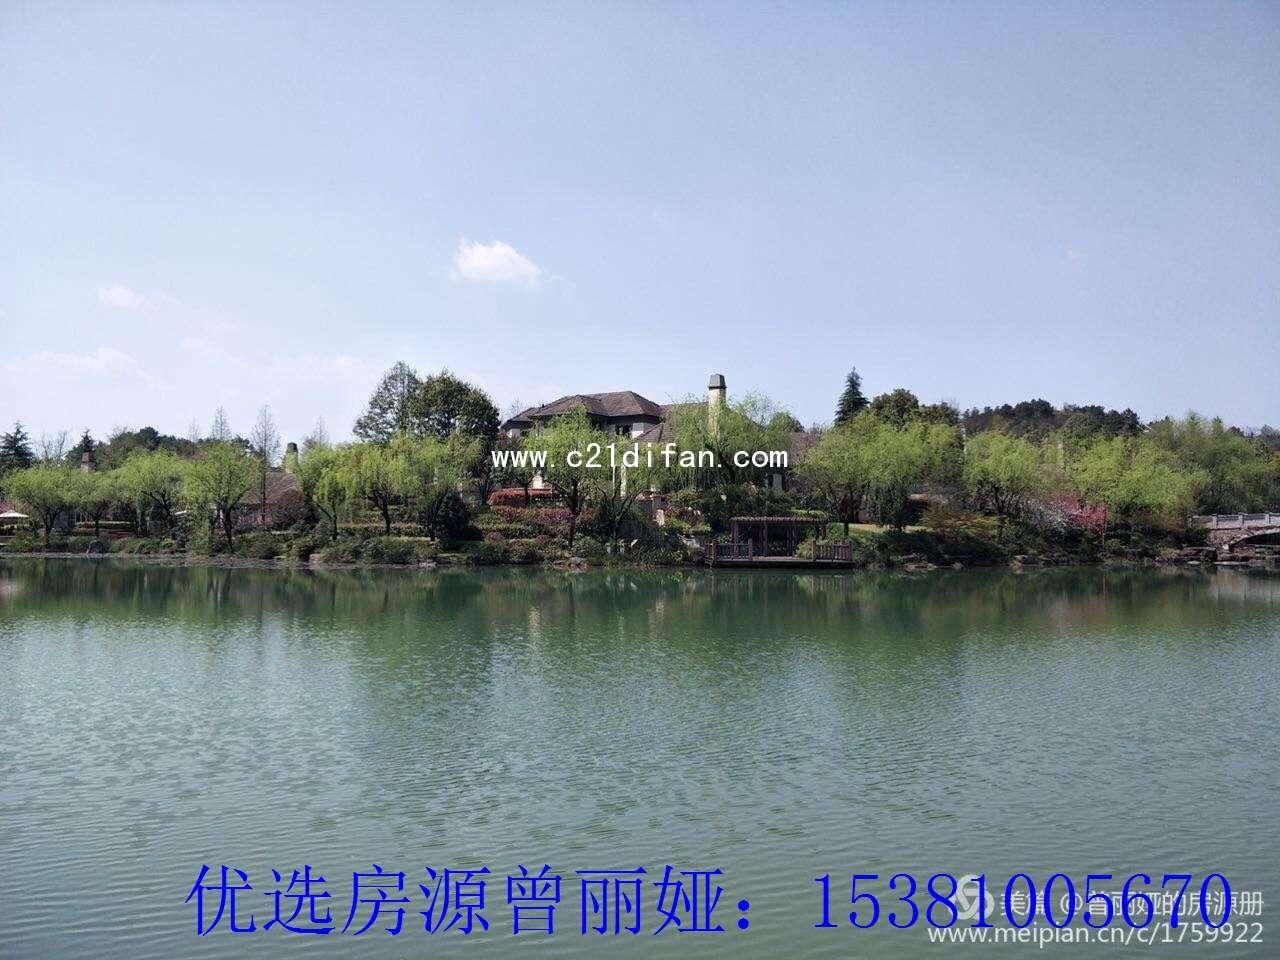 杭州绿城桃花源,业主出国,此房首次出租,温馨舒适,配置比较齐全。